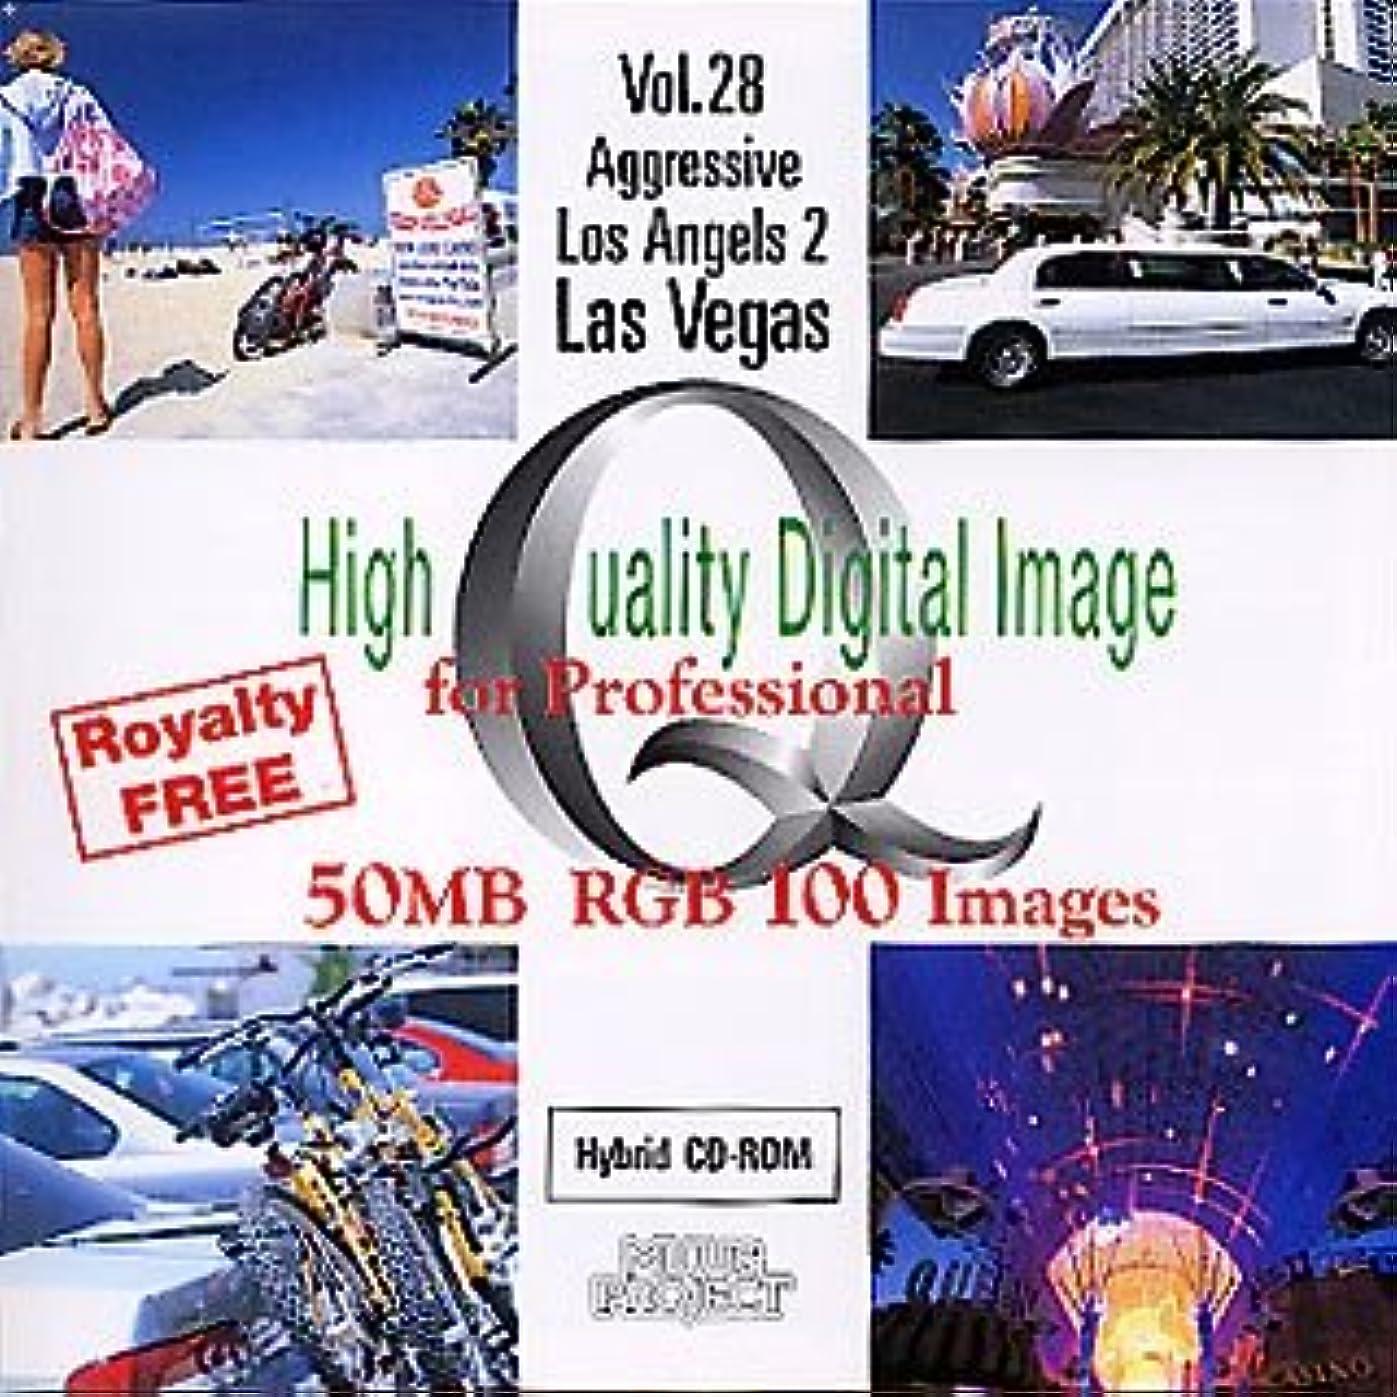 牛気になるいつHigh Quality Digital Image for Professional Vol.28 Aggressive Los Angels 2 Las Vegas